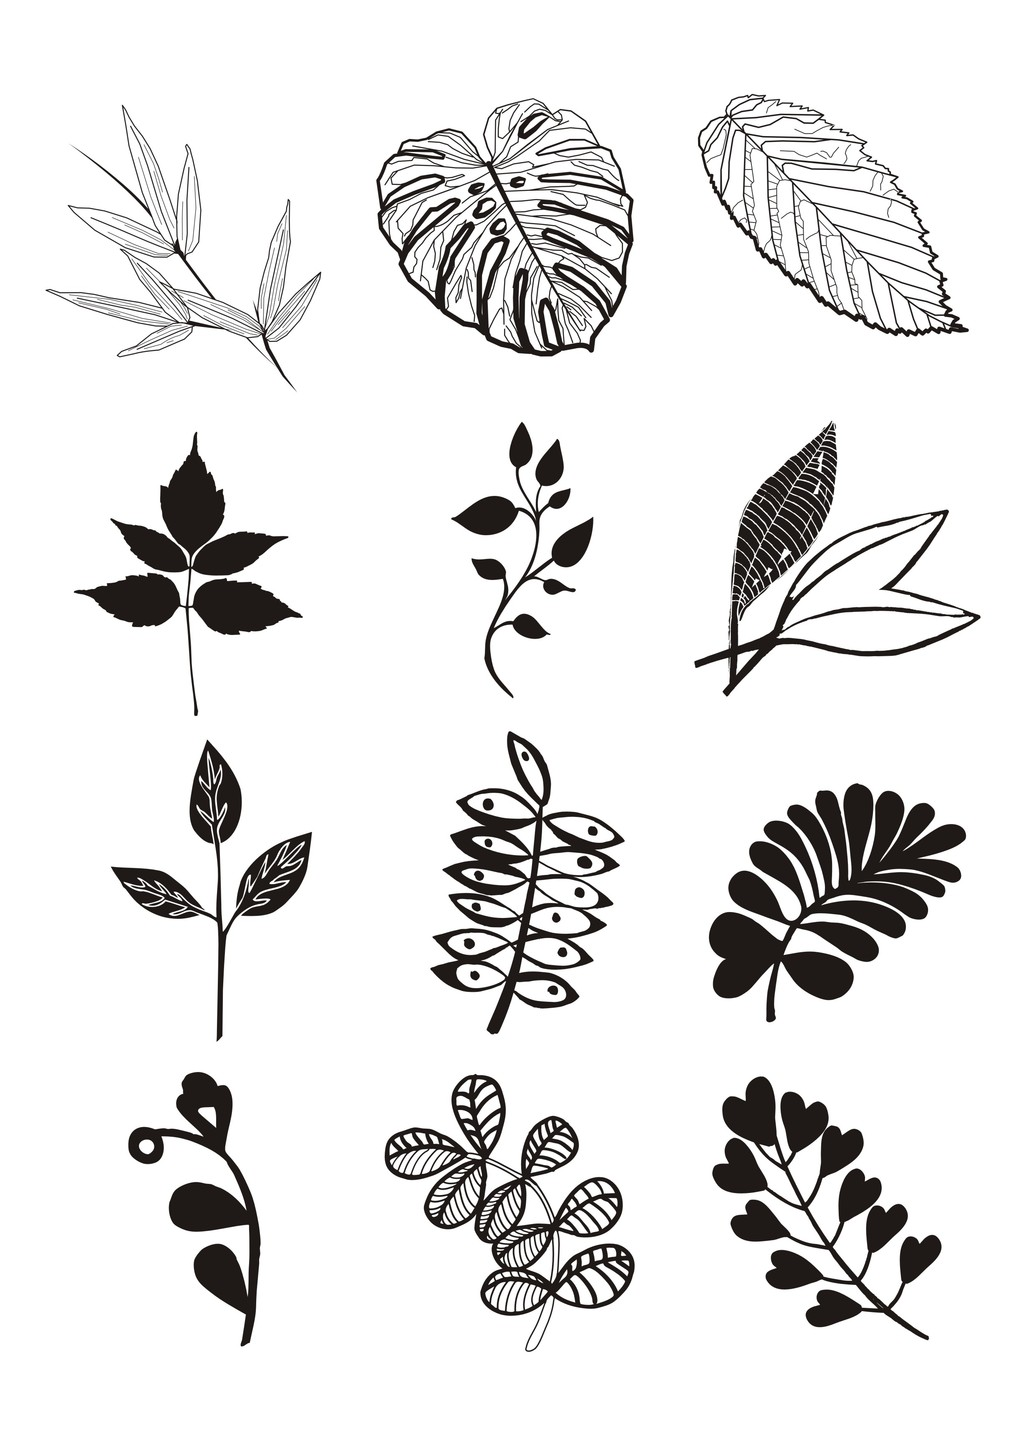 植物花卉简笔装饰画叶子